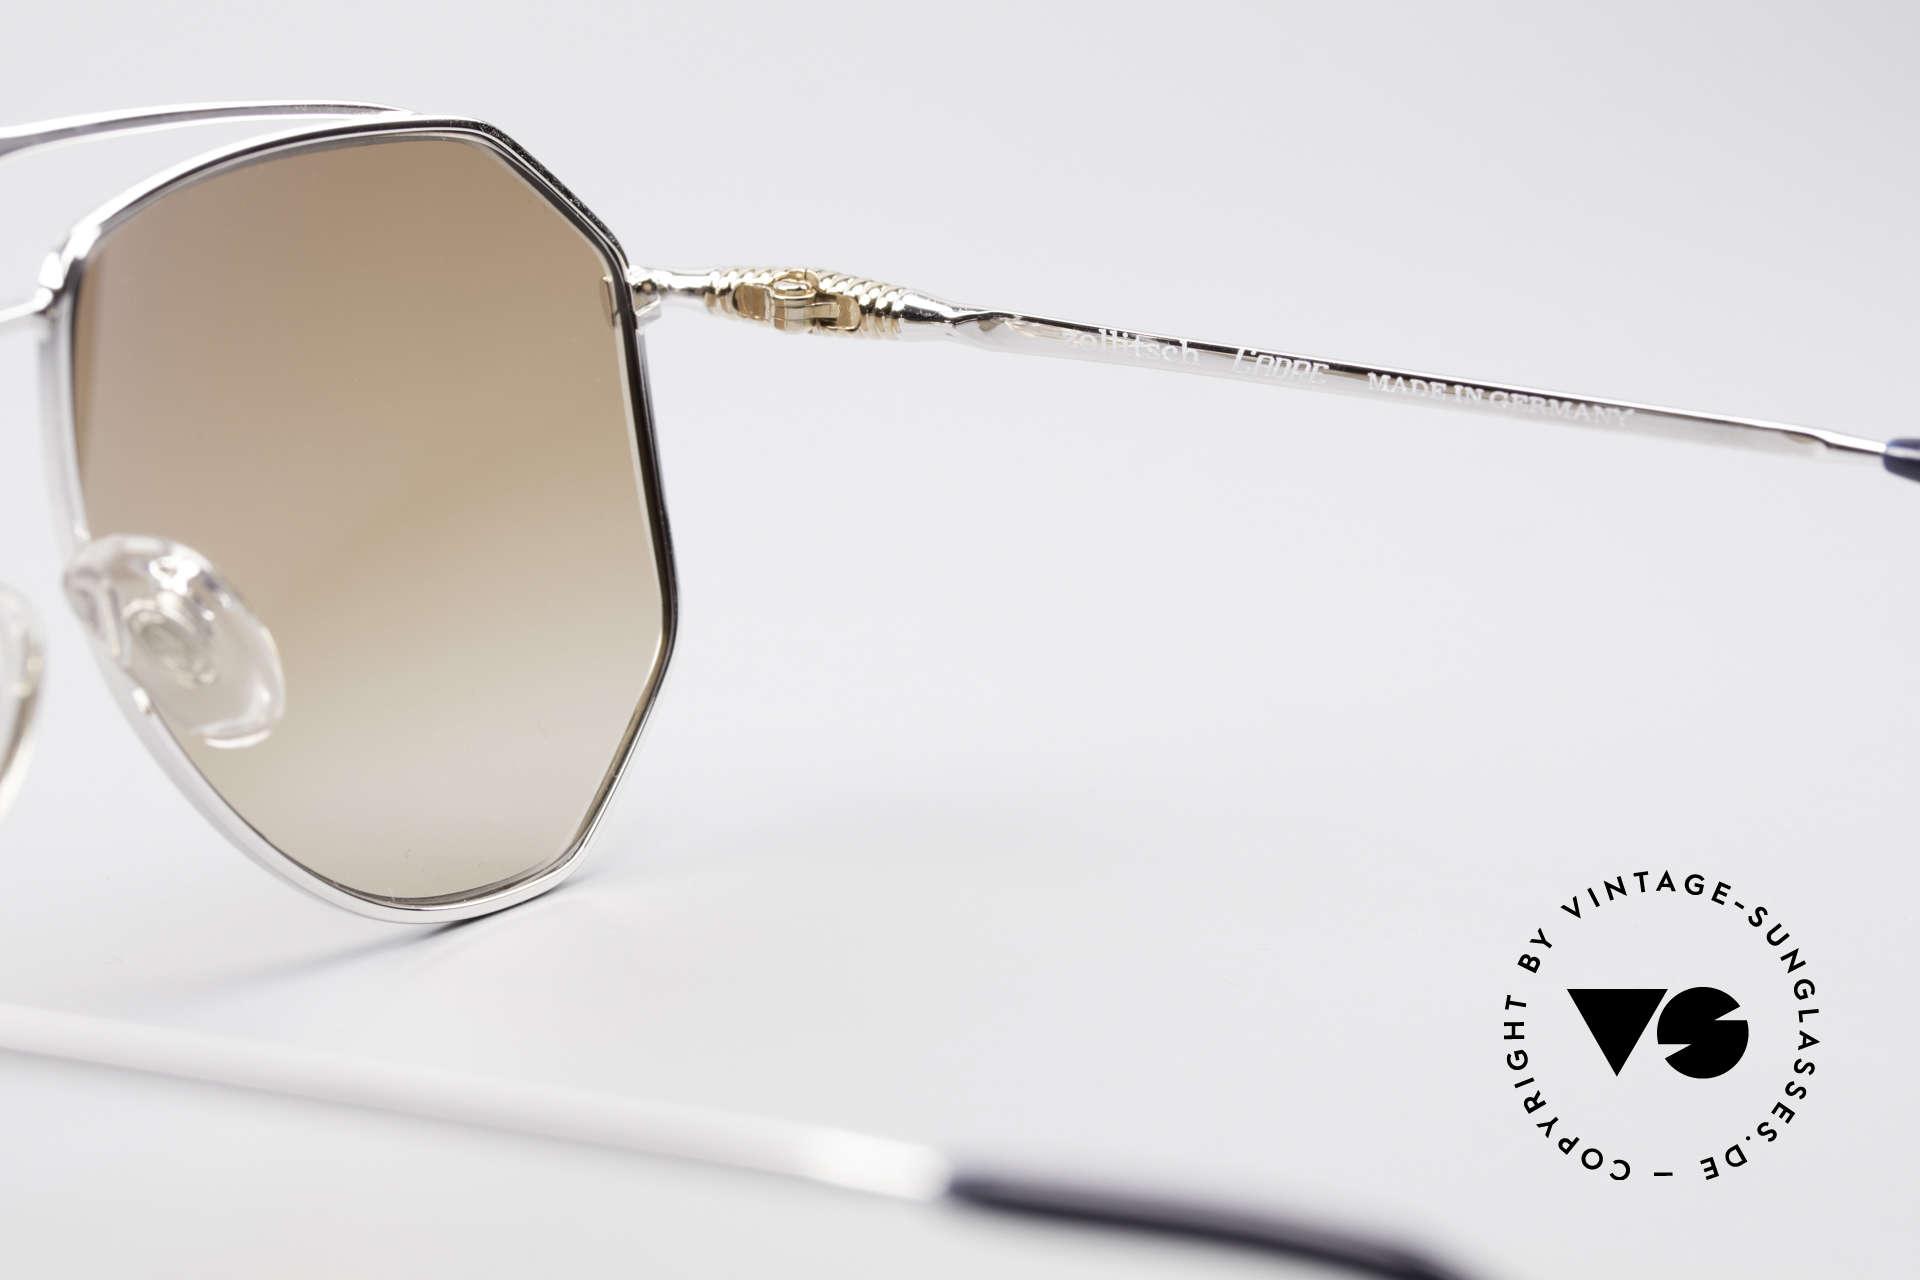 Zollitsch Cadre 120 Large 80er Sonnenbrille, Größe: large, Passend für Herren